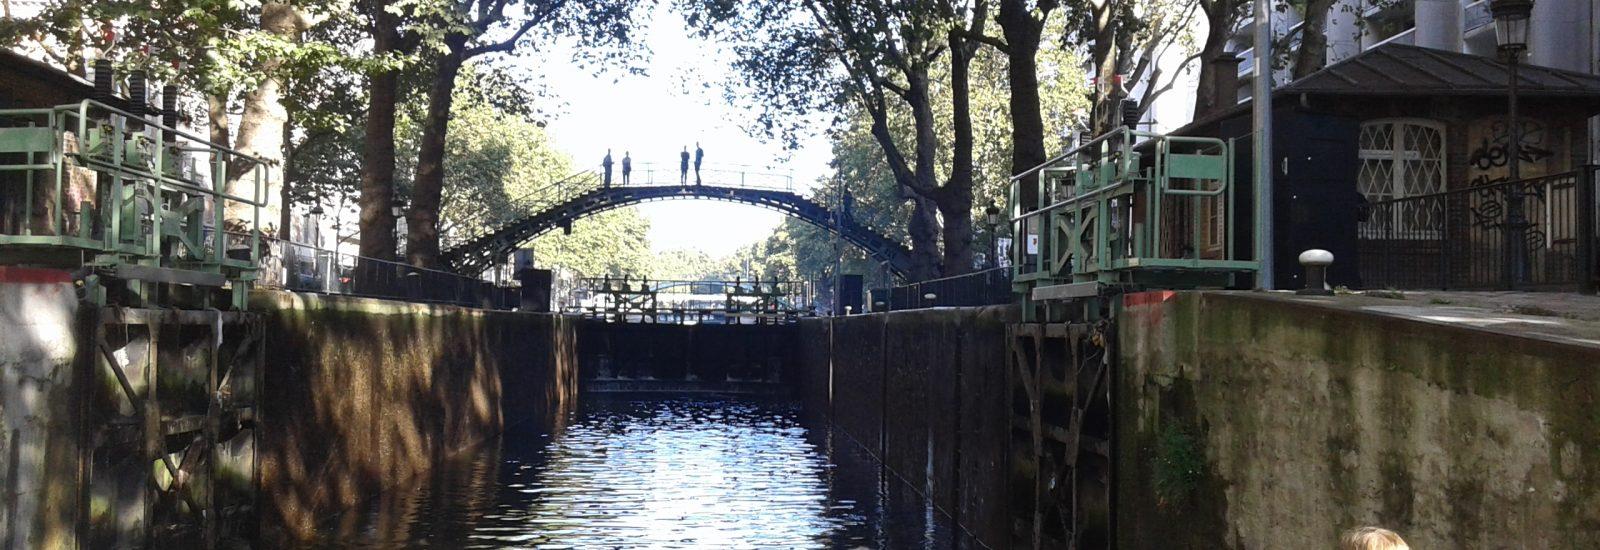 Croisière Canal Saint Martin